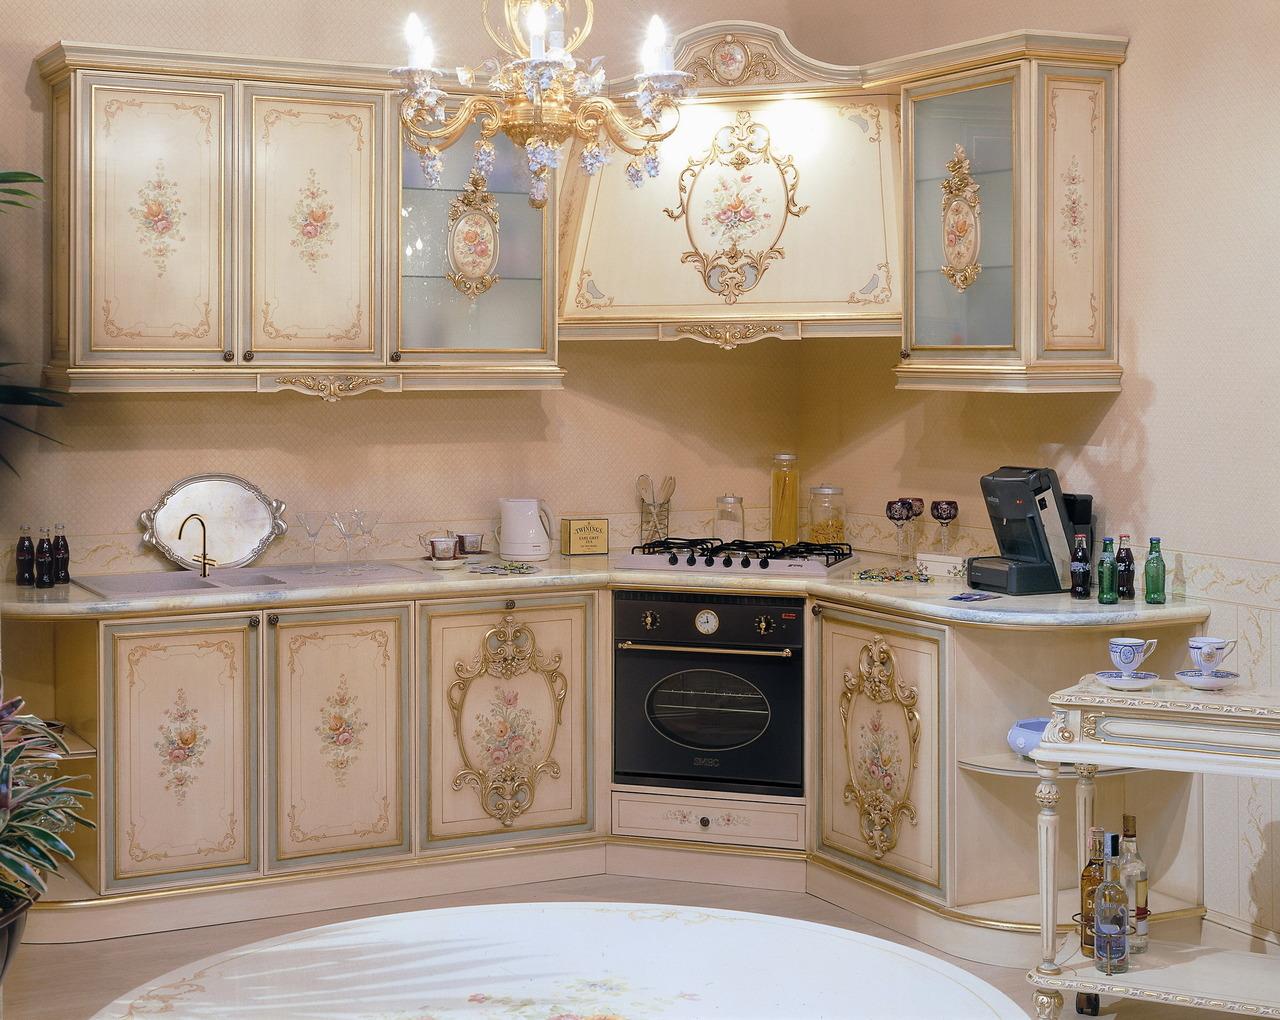 Рококо стиль в интерьере кухни фото